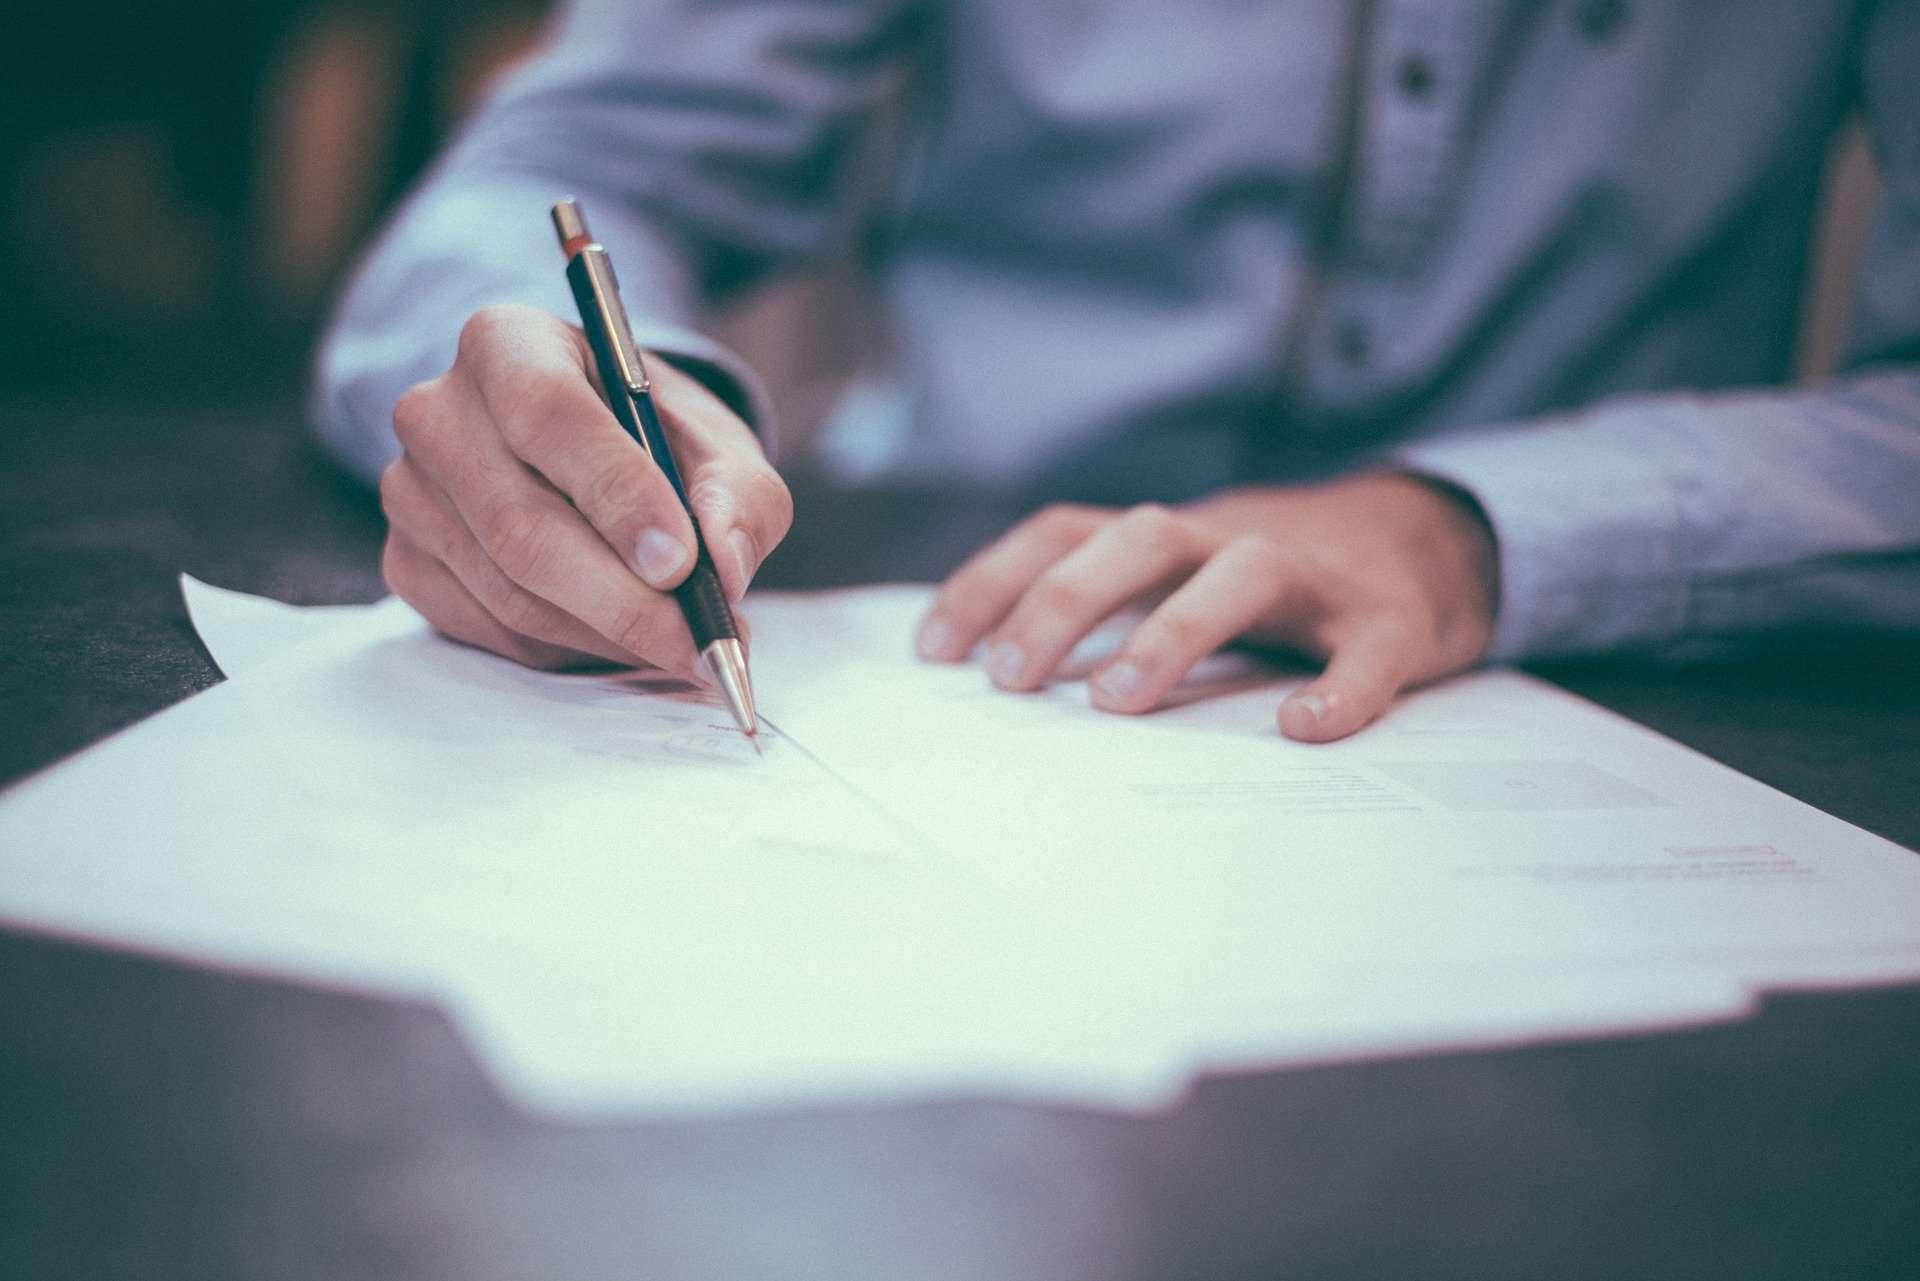 Juristische Übersetzungen, Übersetzung von juristischen Texten: Übersetzung von Verträgen für Privatpersonen